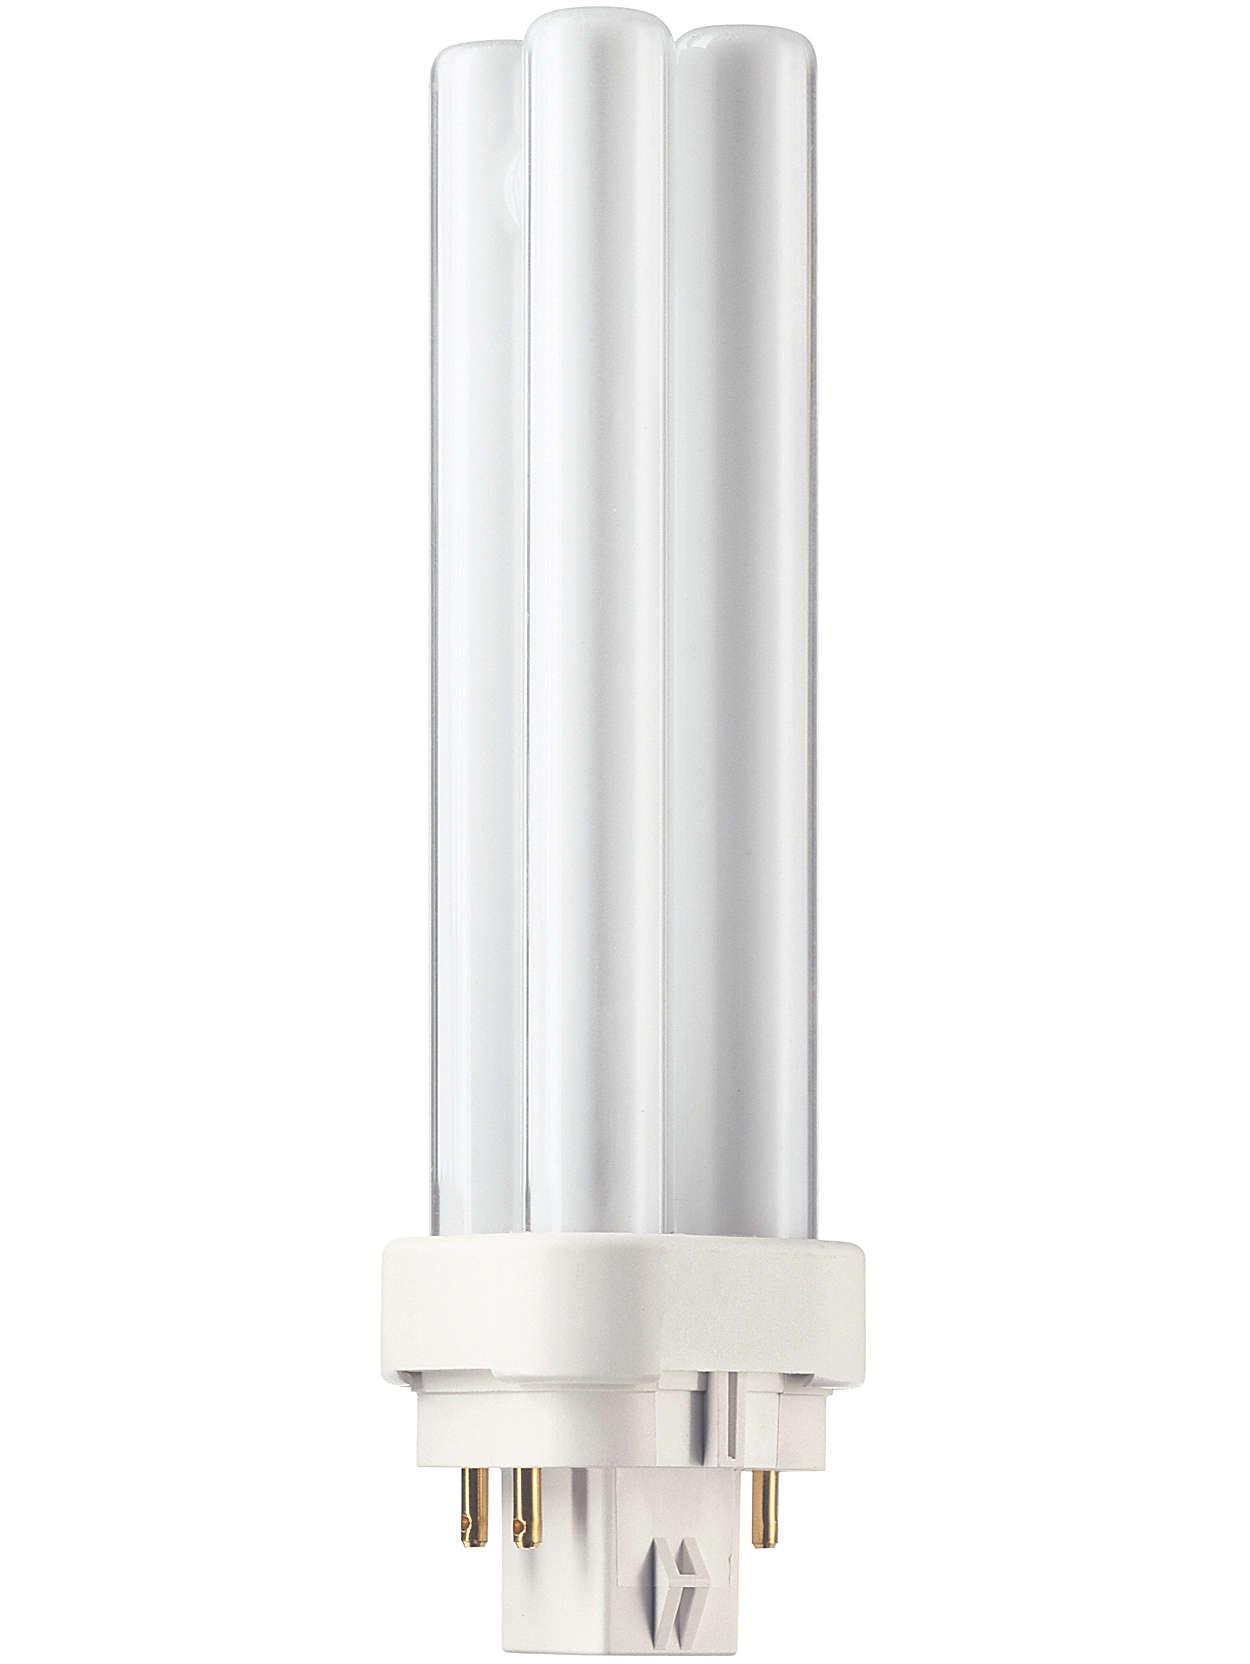 Une lampe compacte avec un rendement amélioré